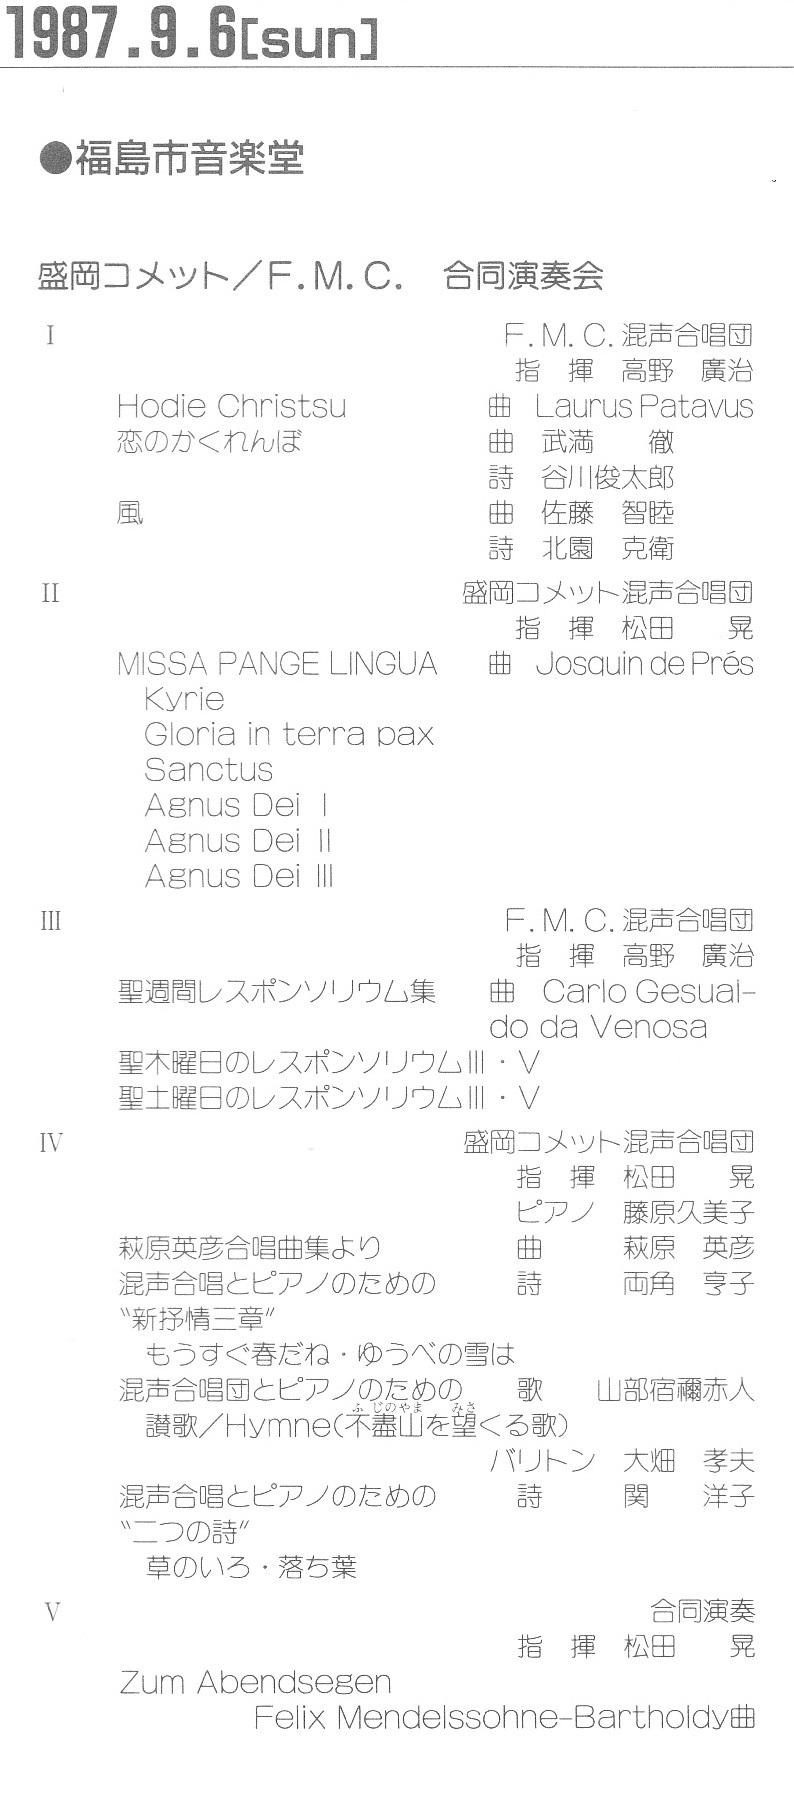 盛岡コメット/F.M.C.合同演奏会_c0125004_01552416.jpg